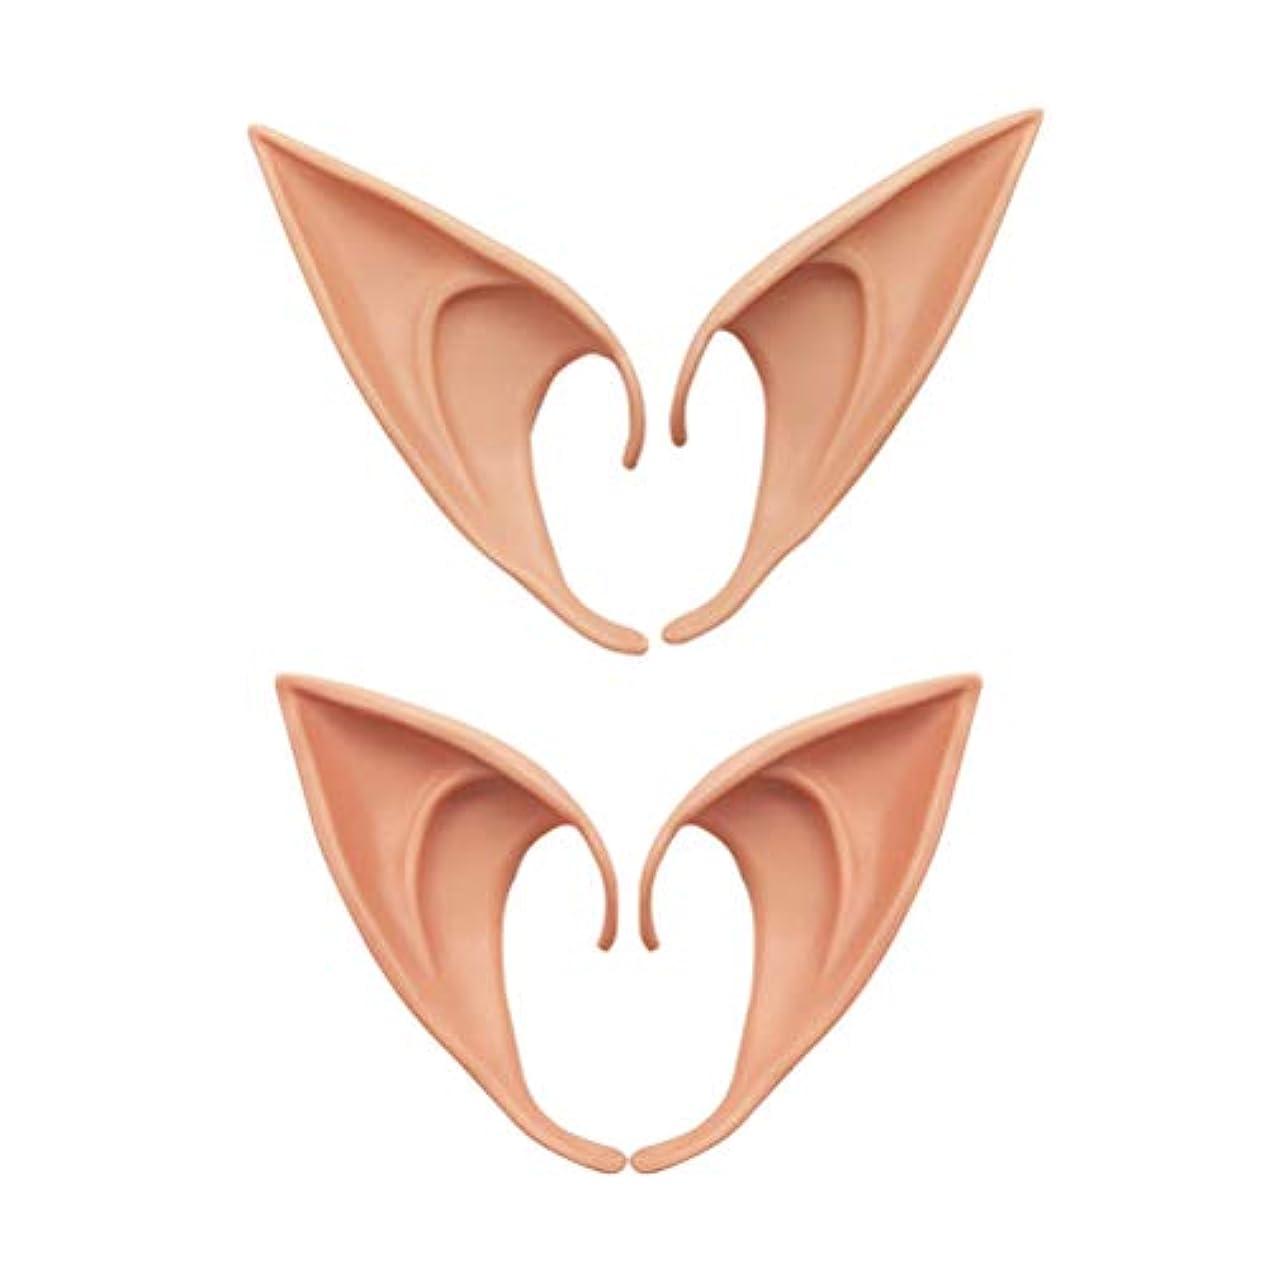 ミルク再現する豊かなToyvian エルフ耳コスプレイースターカーニバルパーティーエルフコスチューム補綴耳偽のヒント耳写真小道具4ピース